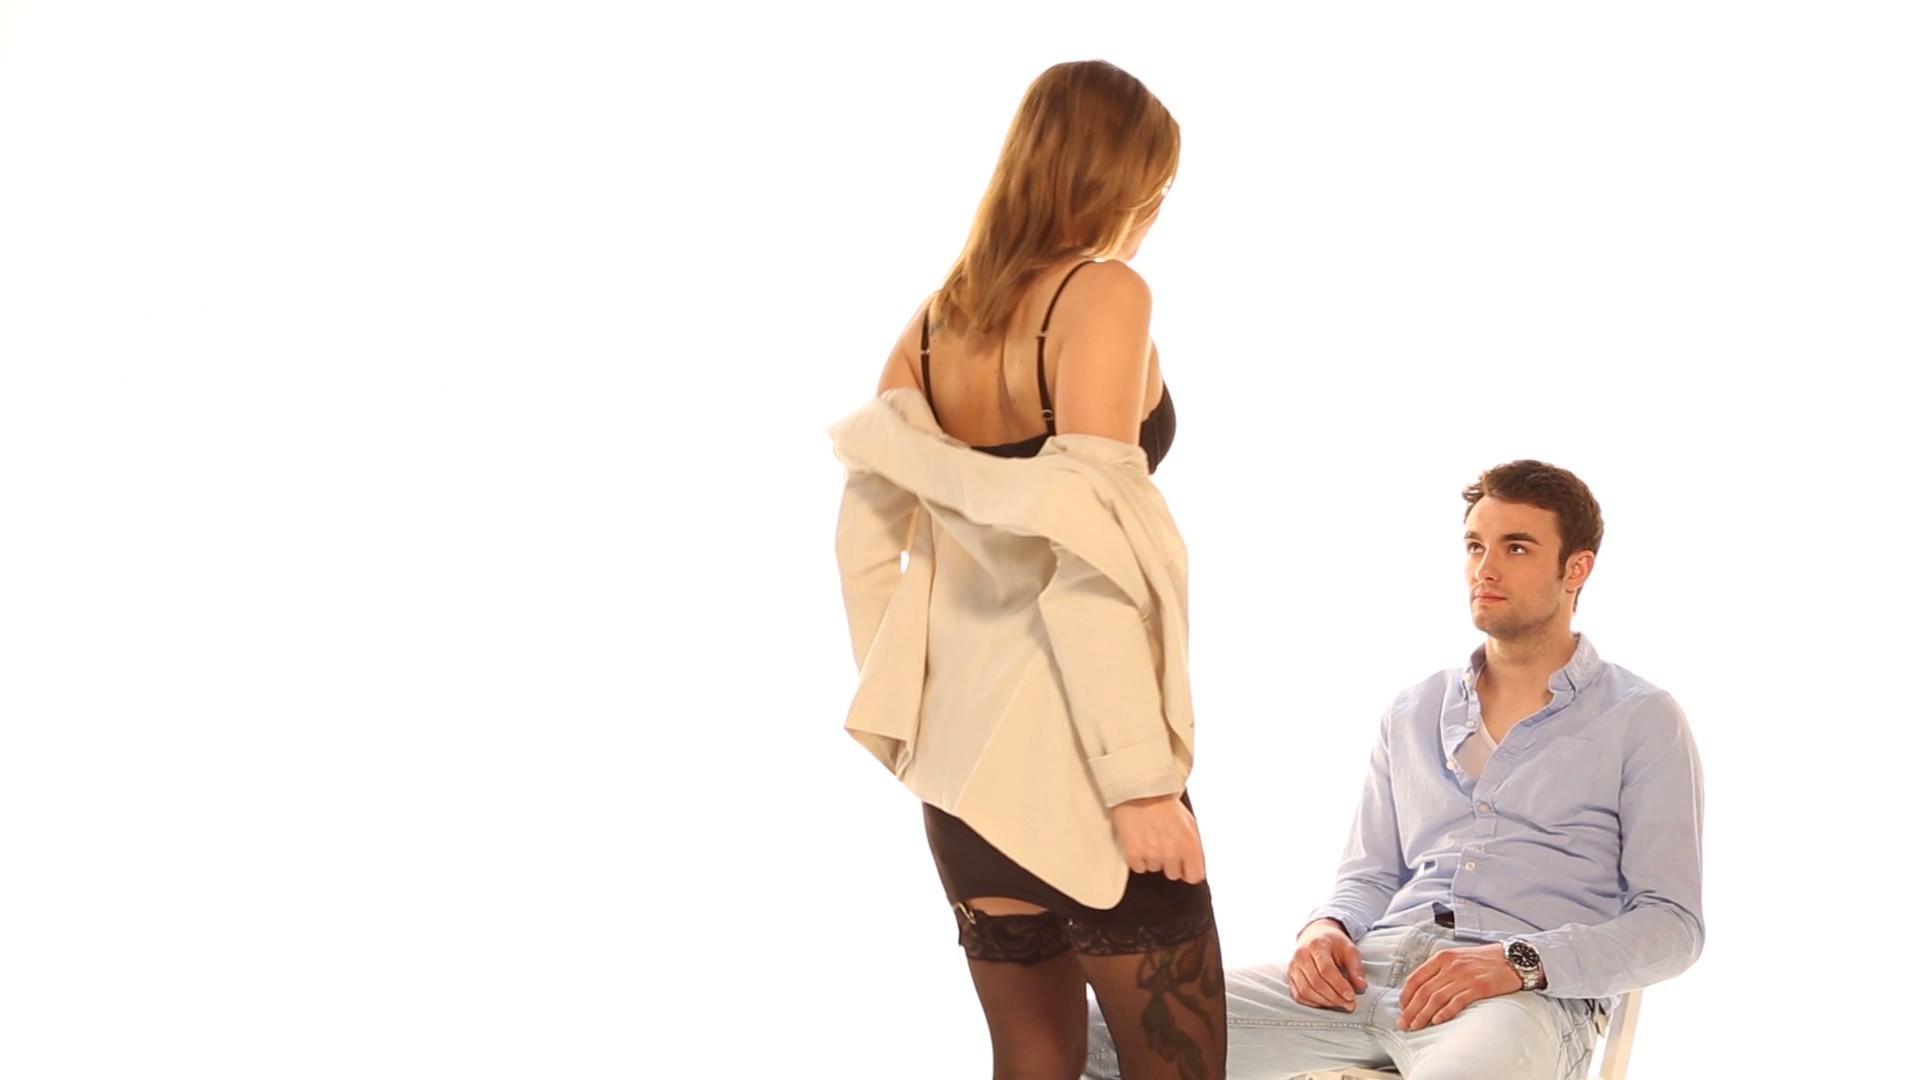 Diese 6 Dinge lieben alle Männer im Bett_EL.mp4: main image